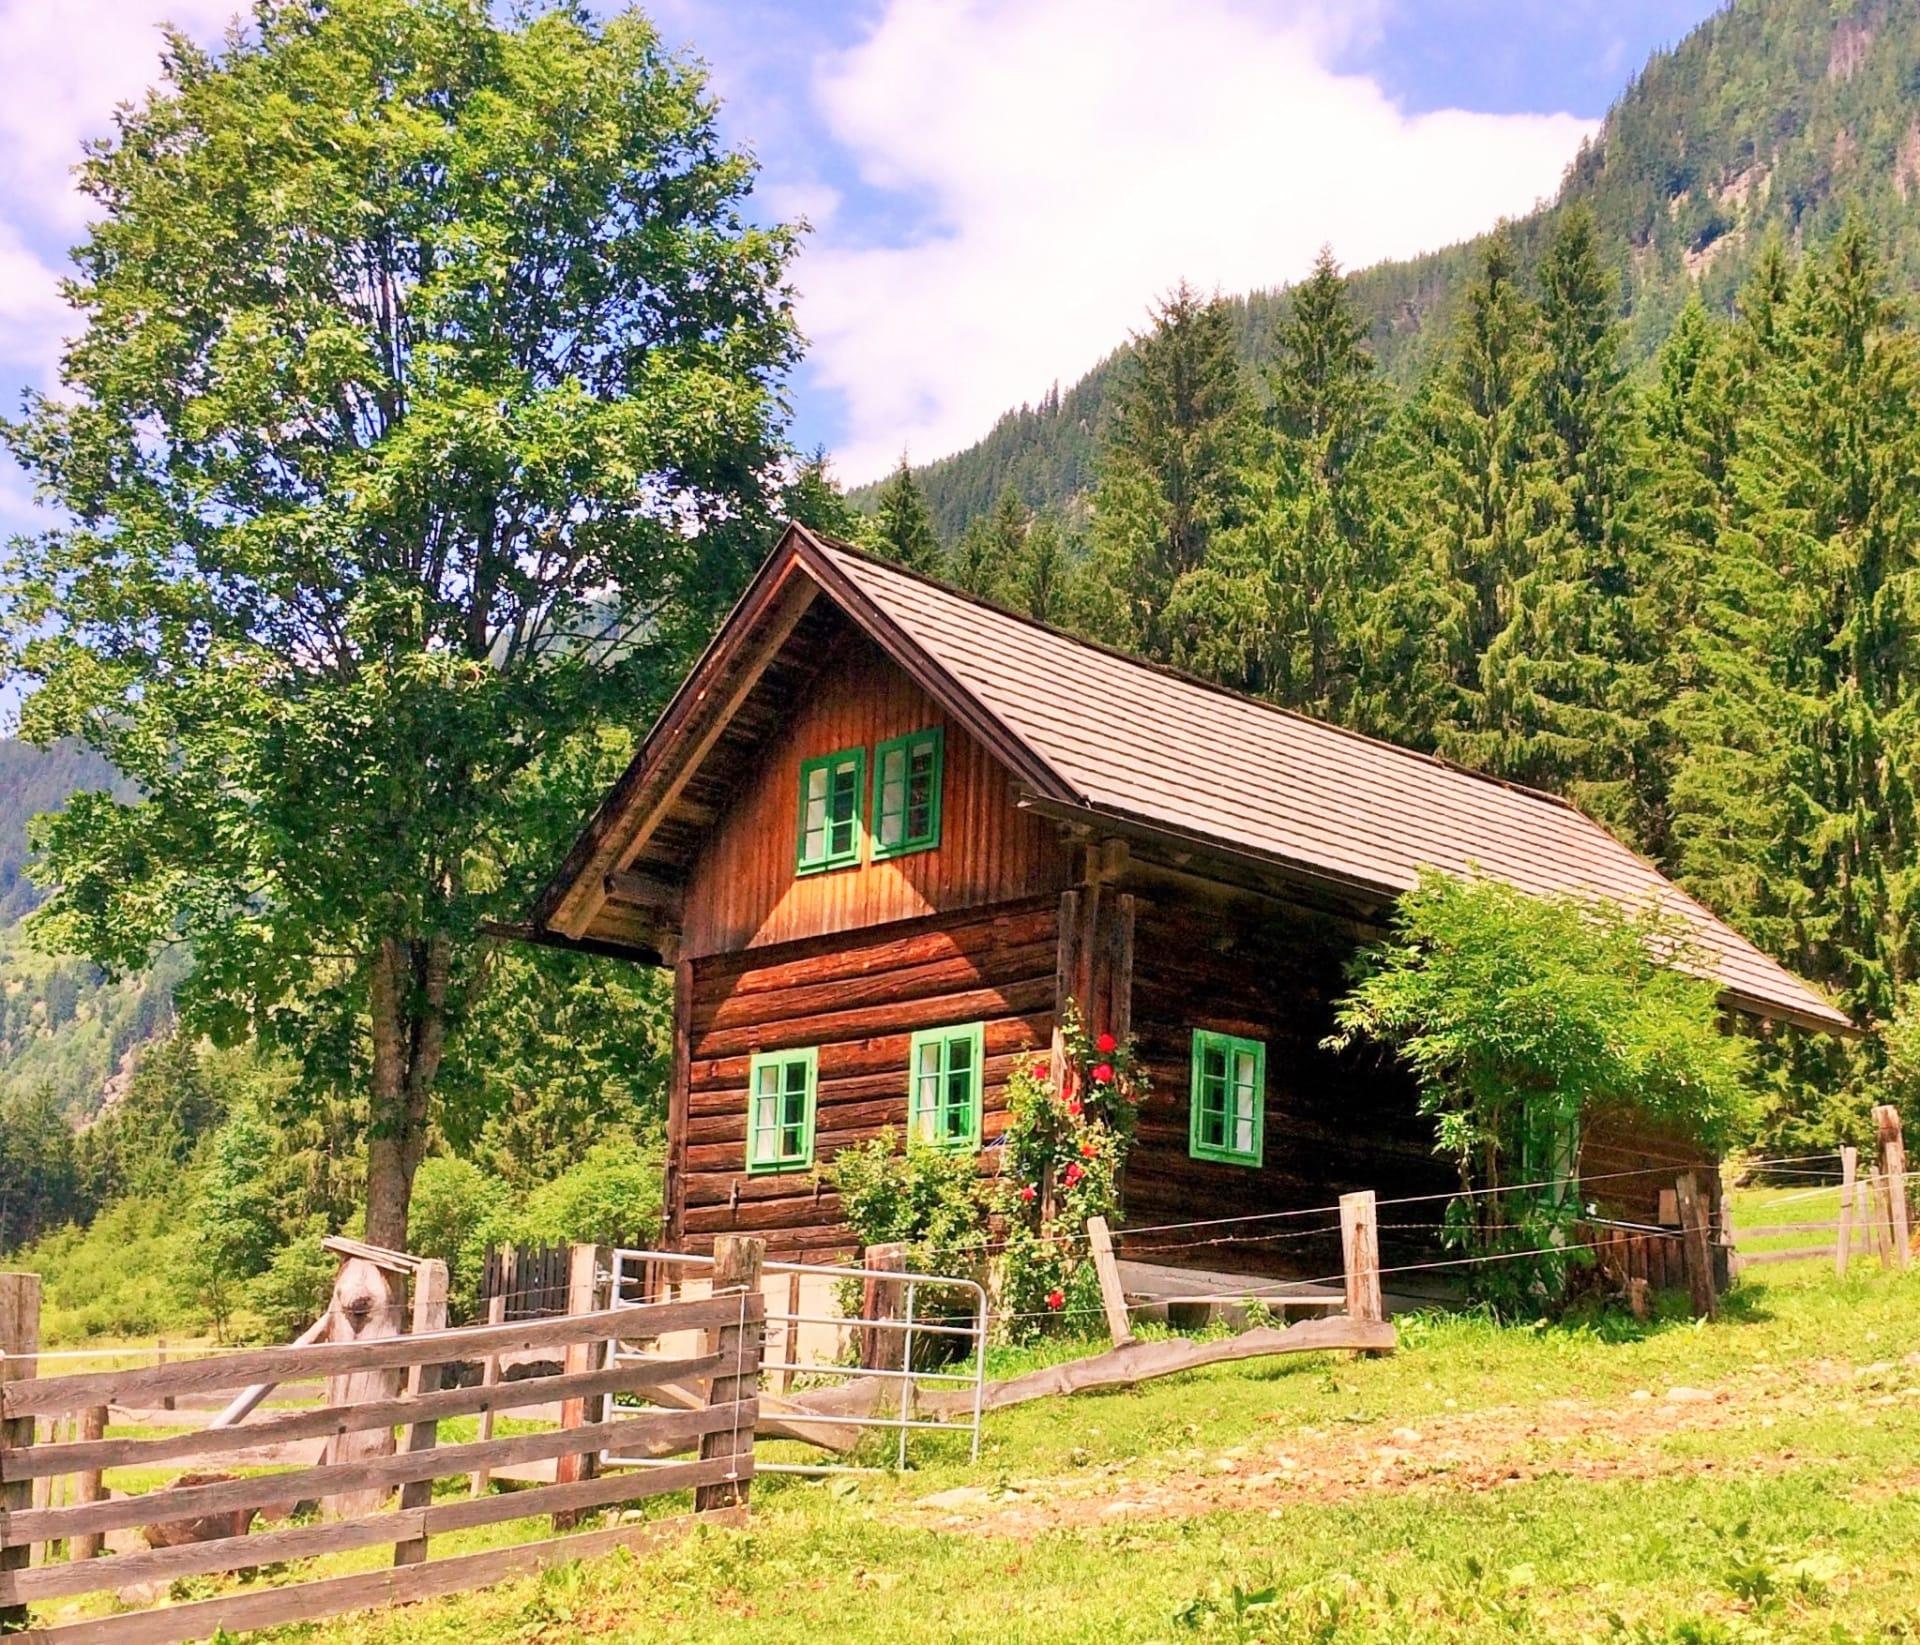 Gemütliche Hütte